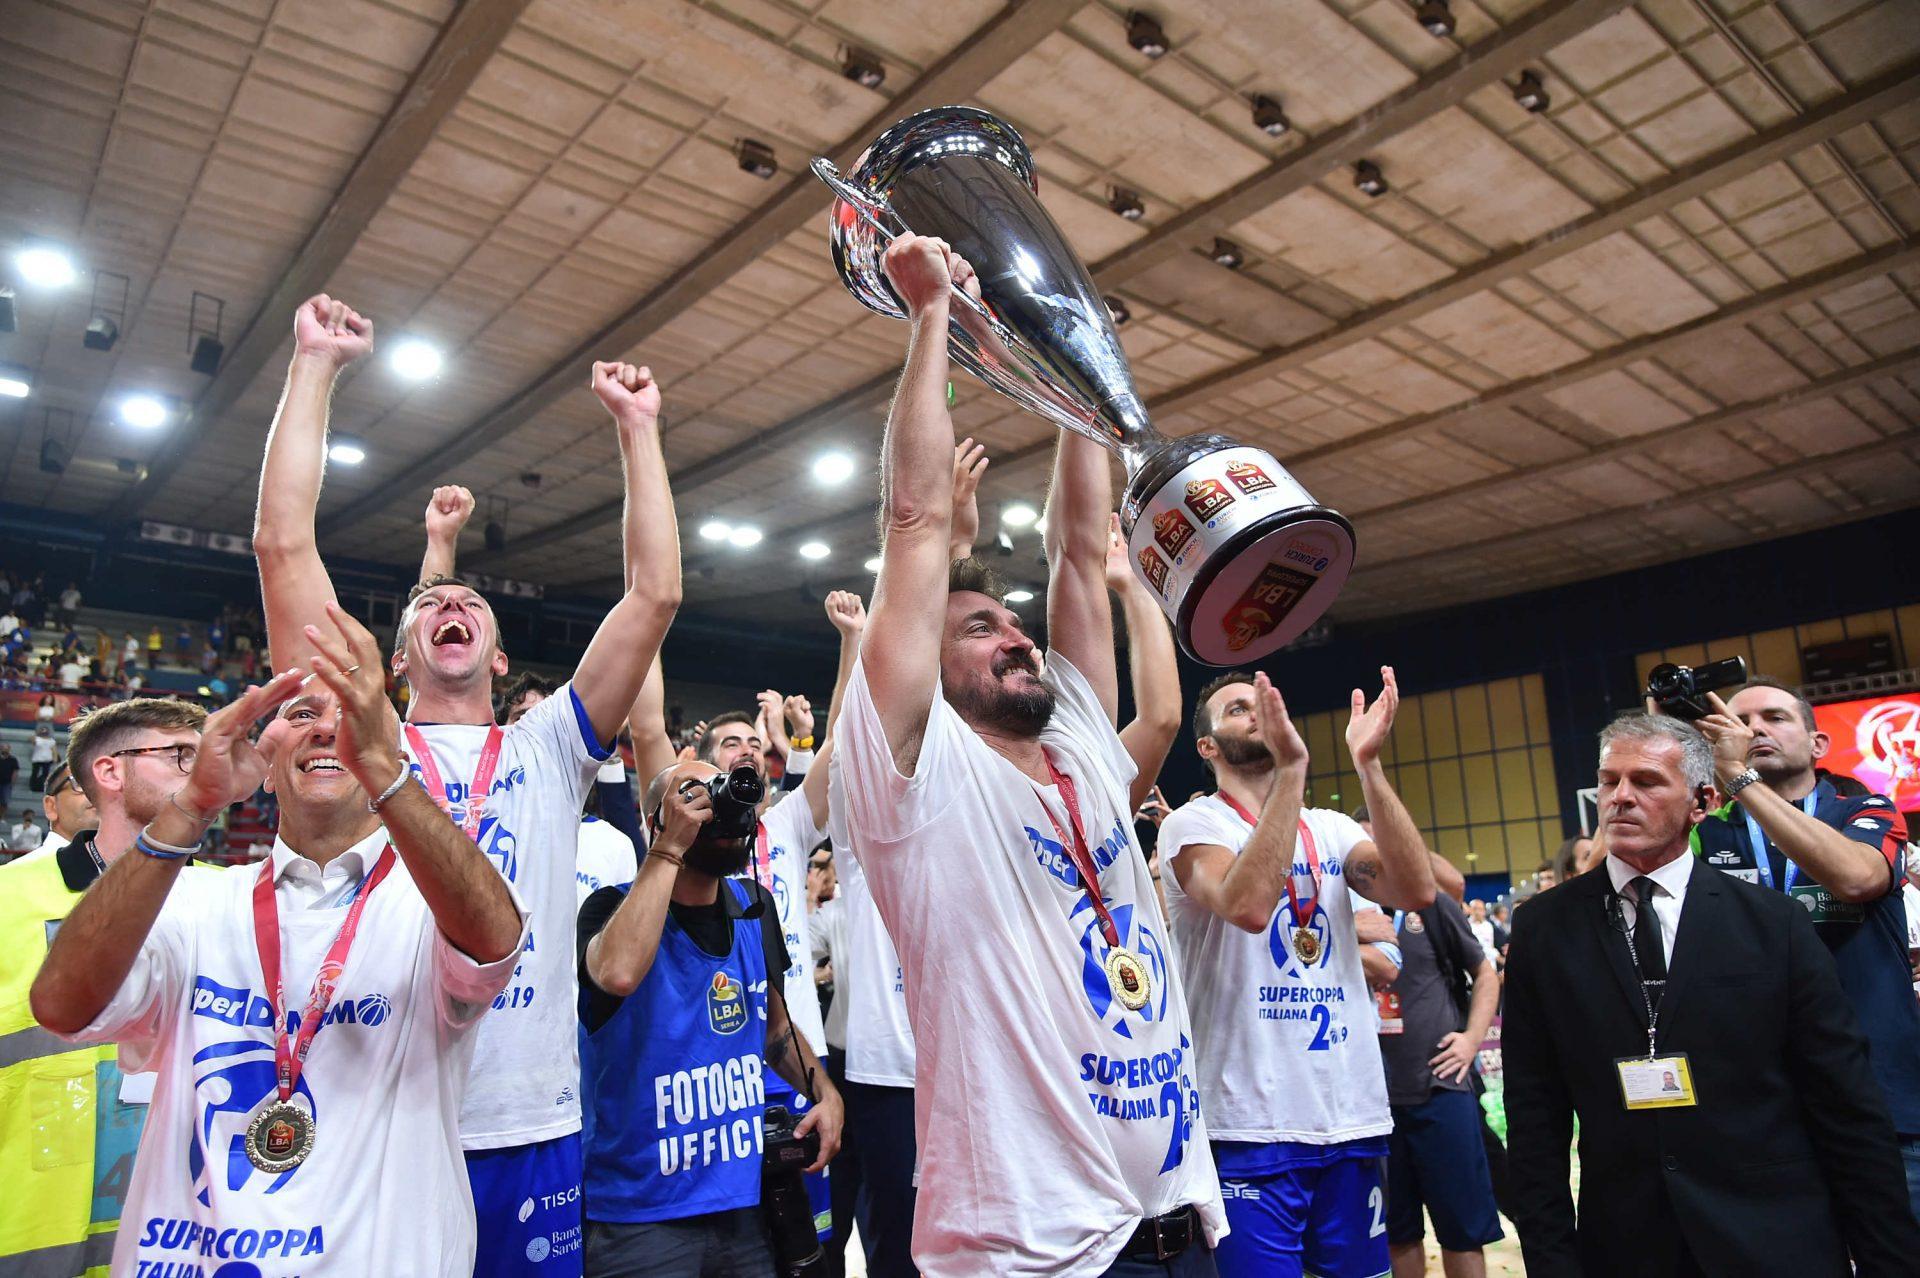 Scatti d'emozione: la Dinamo vince la seconda Supercoppa italiana della sua storia